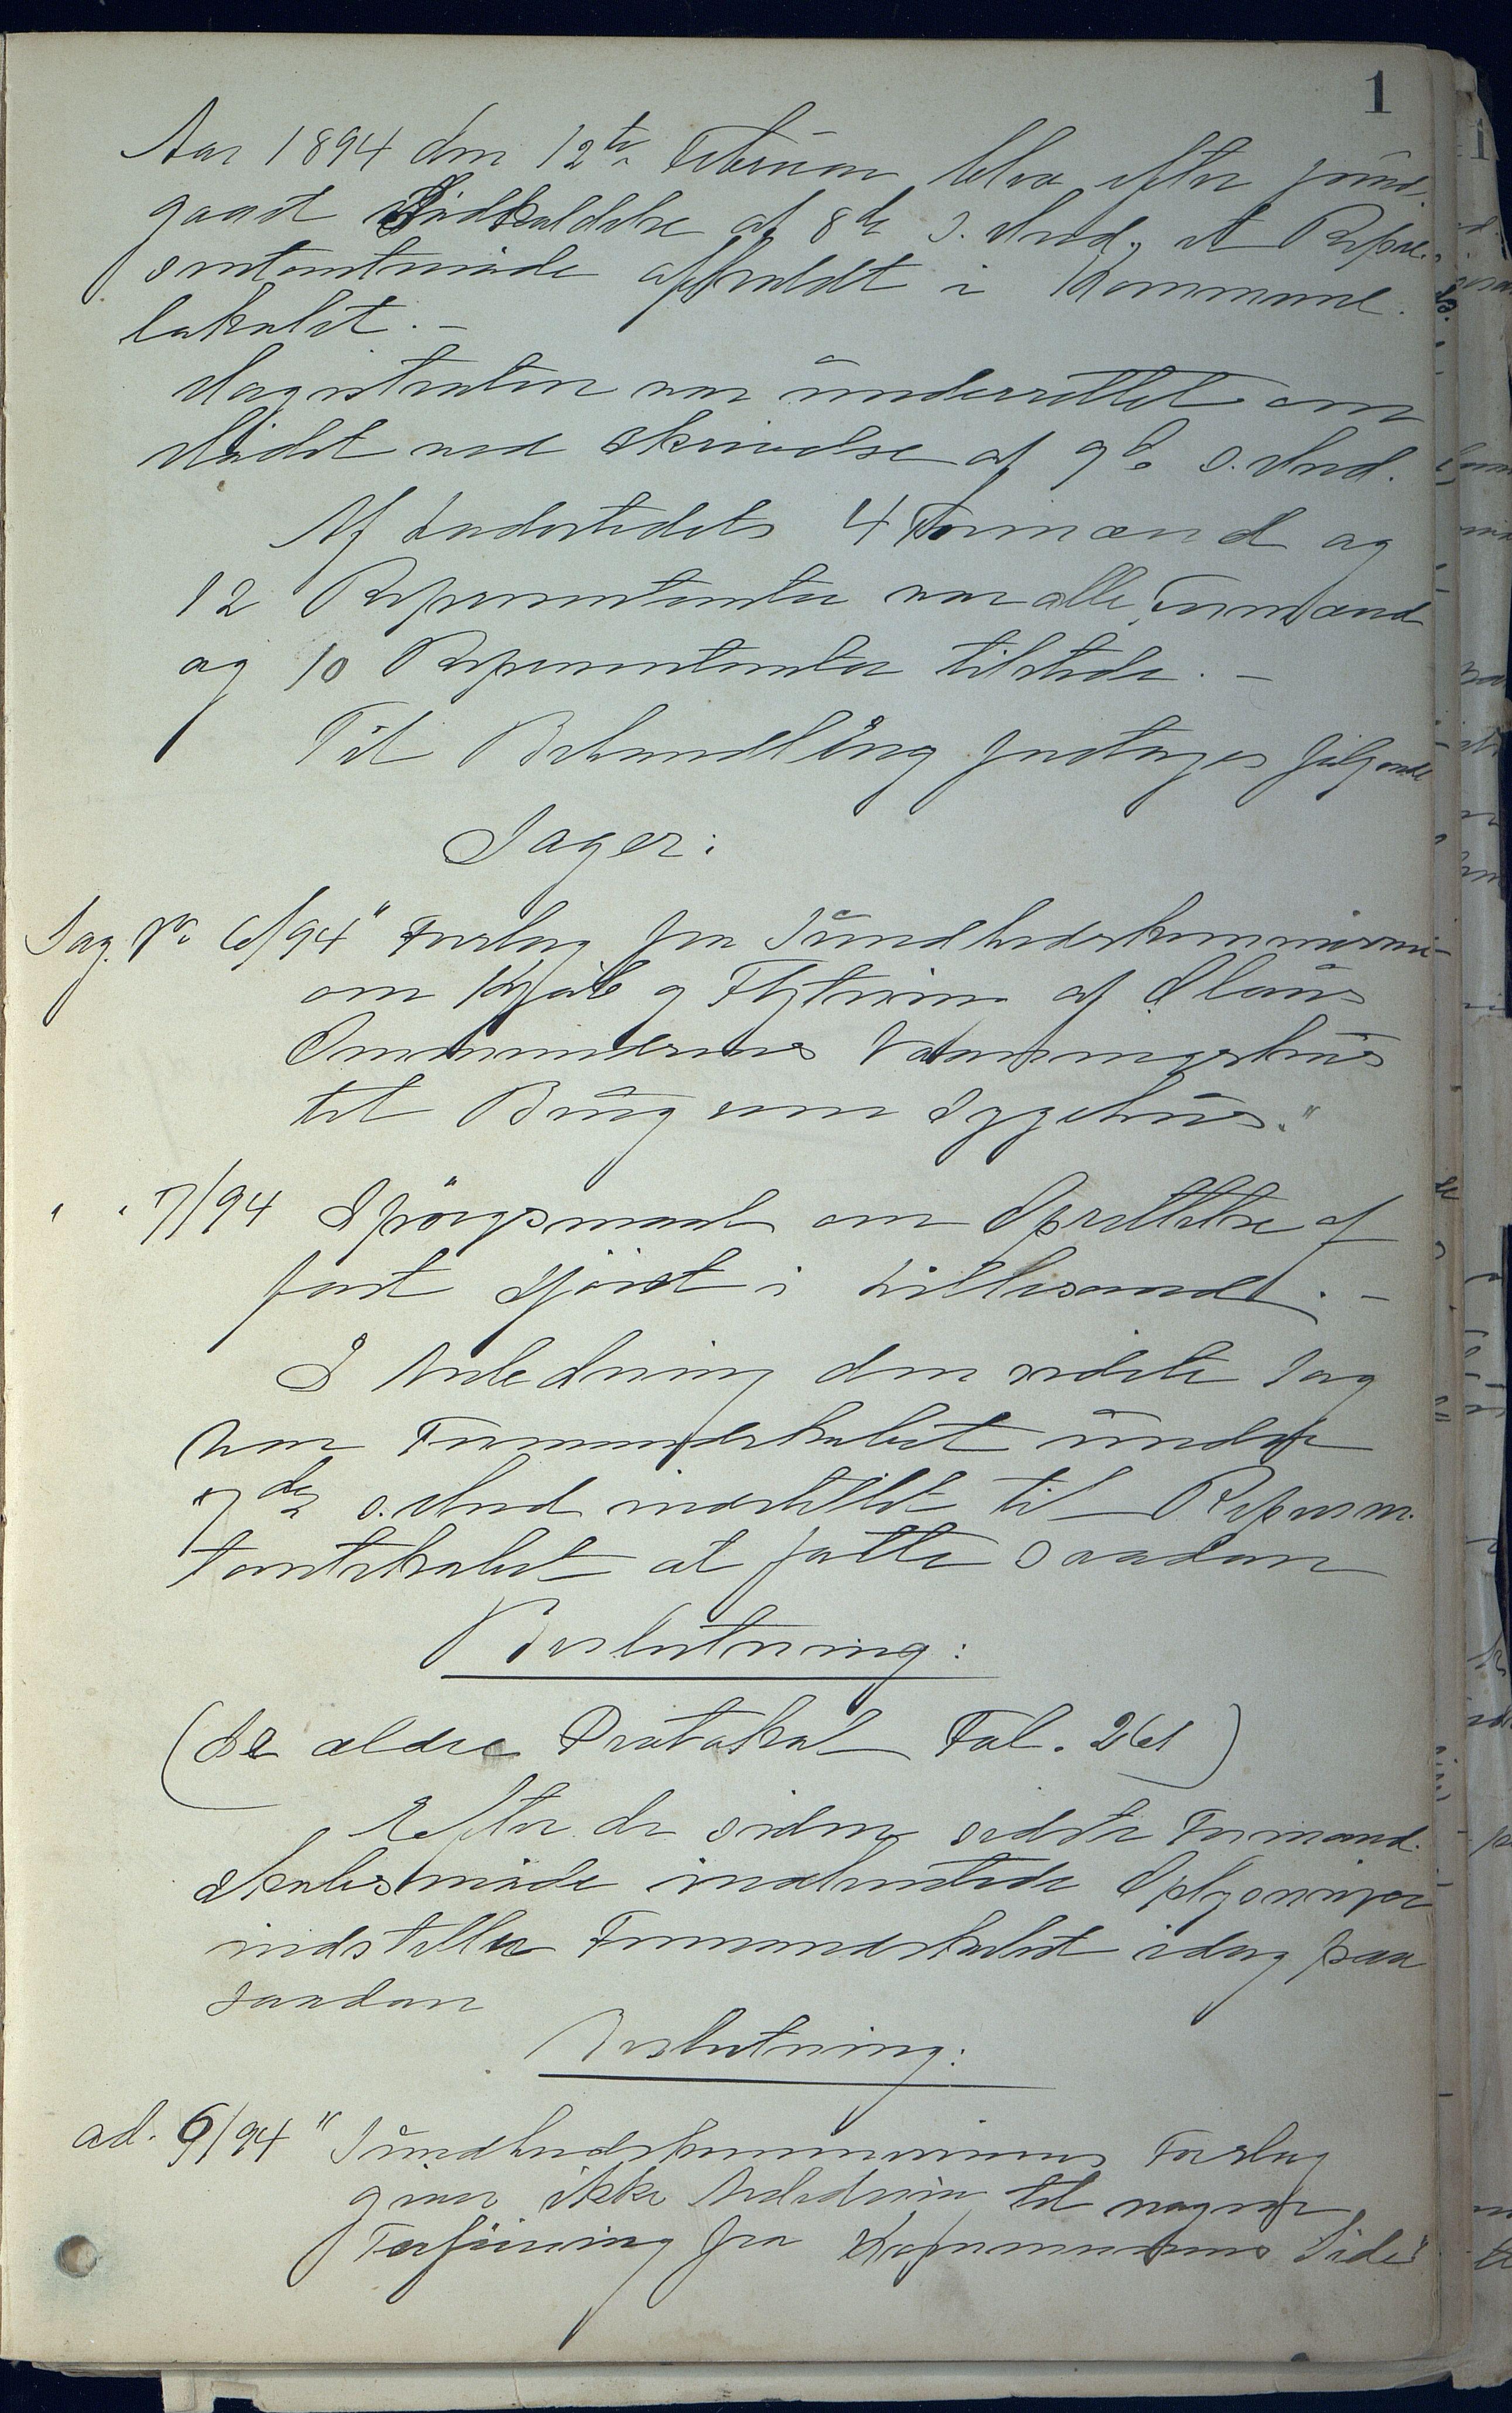 AAKS, Lillesand kommune, 01/L0004: Formannskapets møtebok, 1894-1906, s. 1